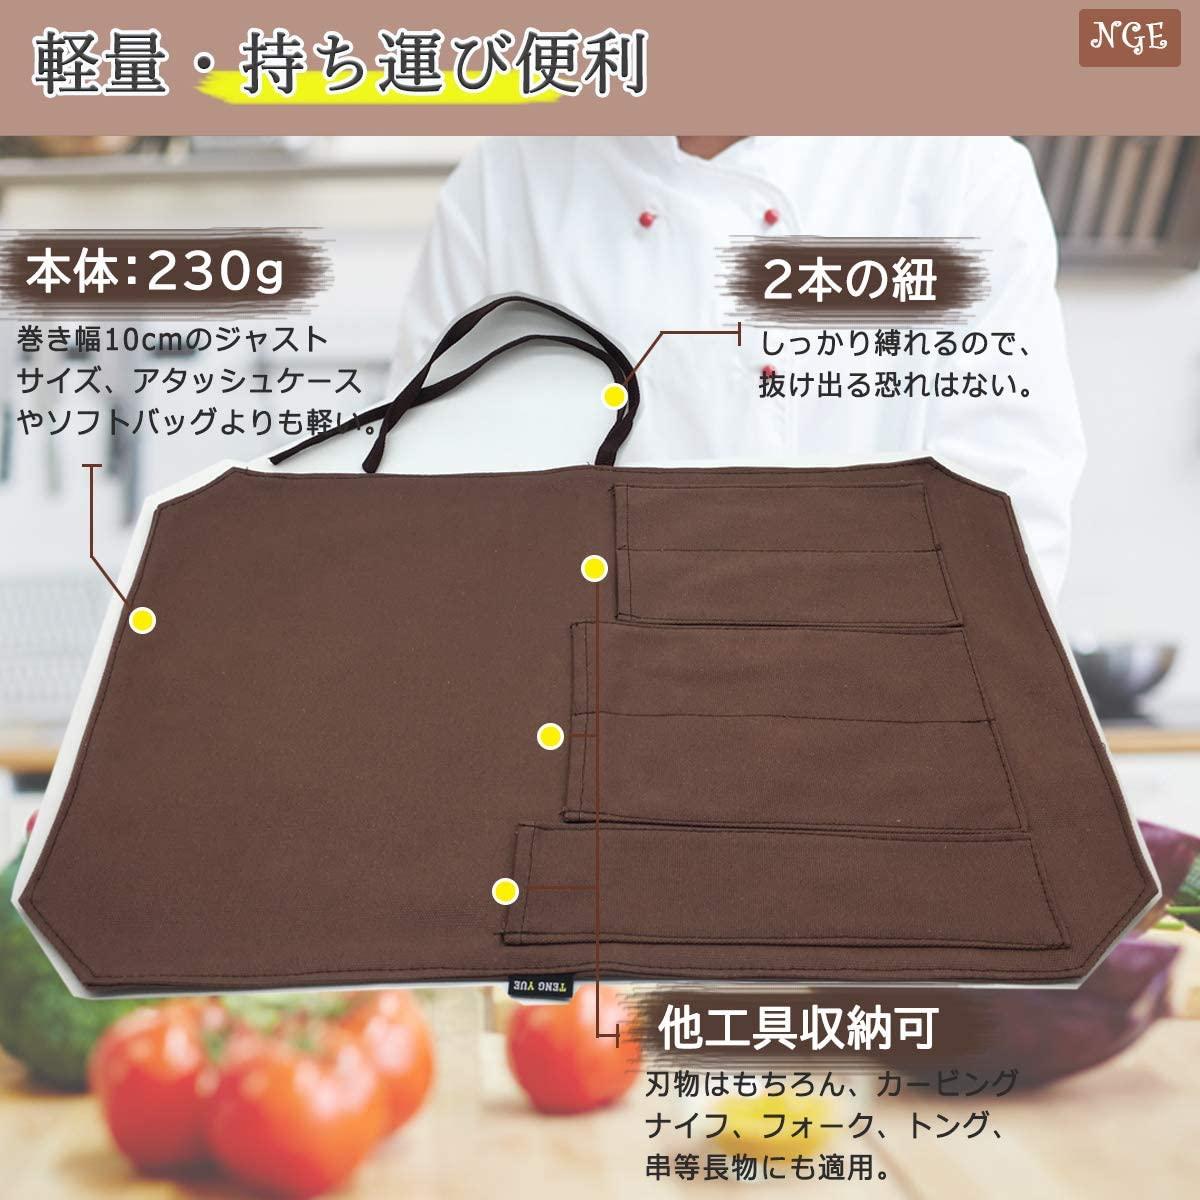 NGE(エヌジーイー) 包丁ケース 帆布製 ブラウンの商品画像5